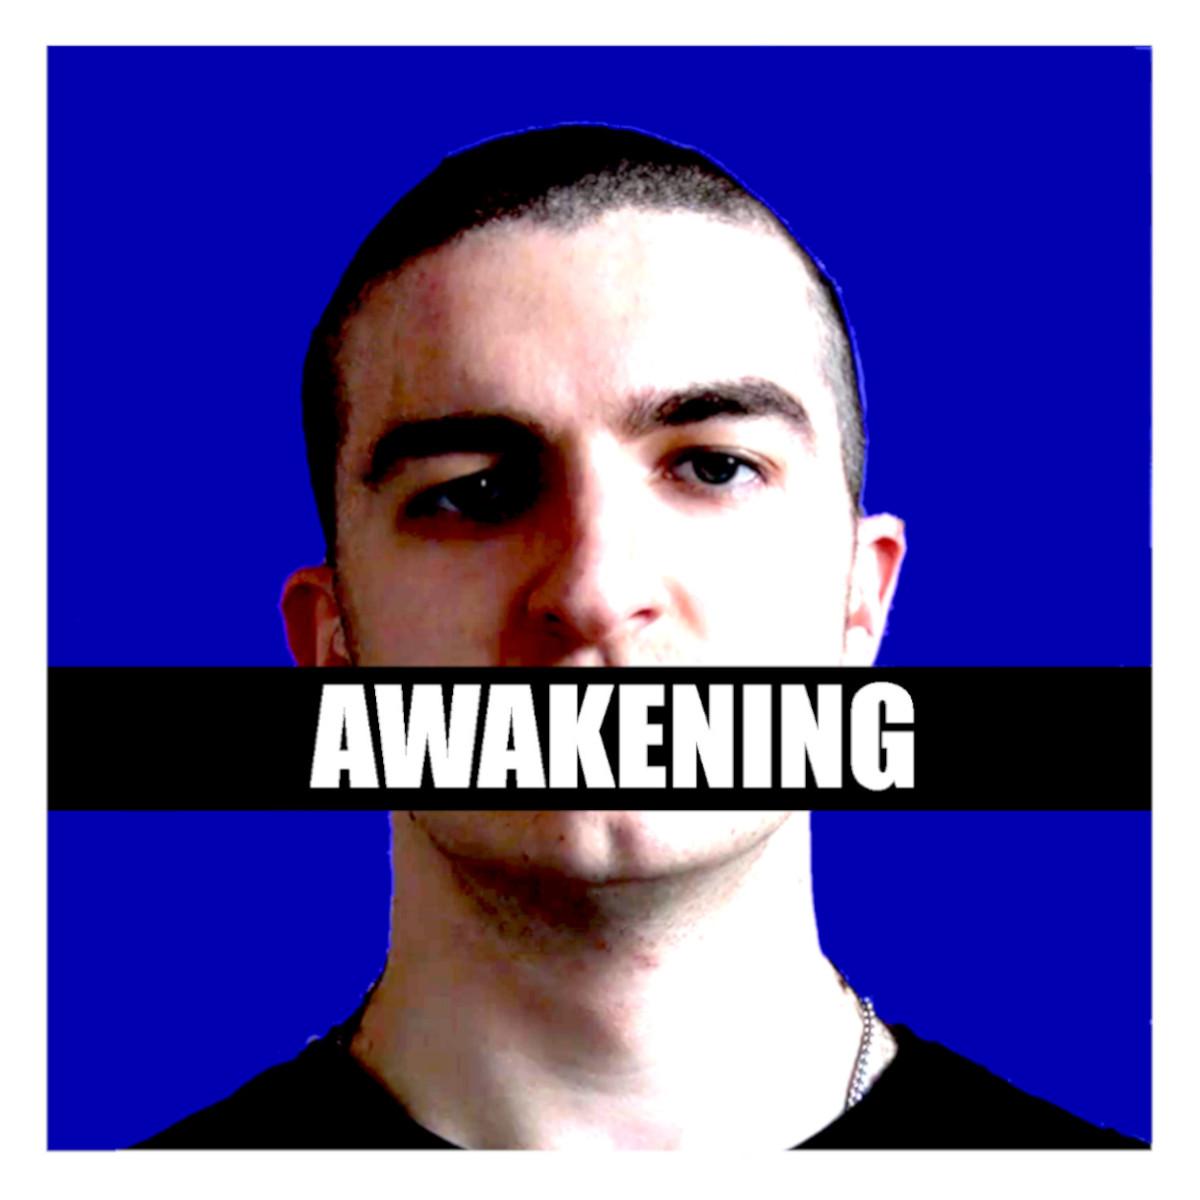 Awakening by Tara Anegada